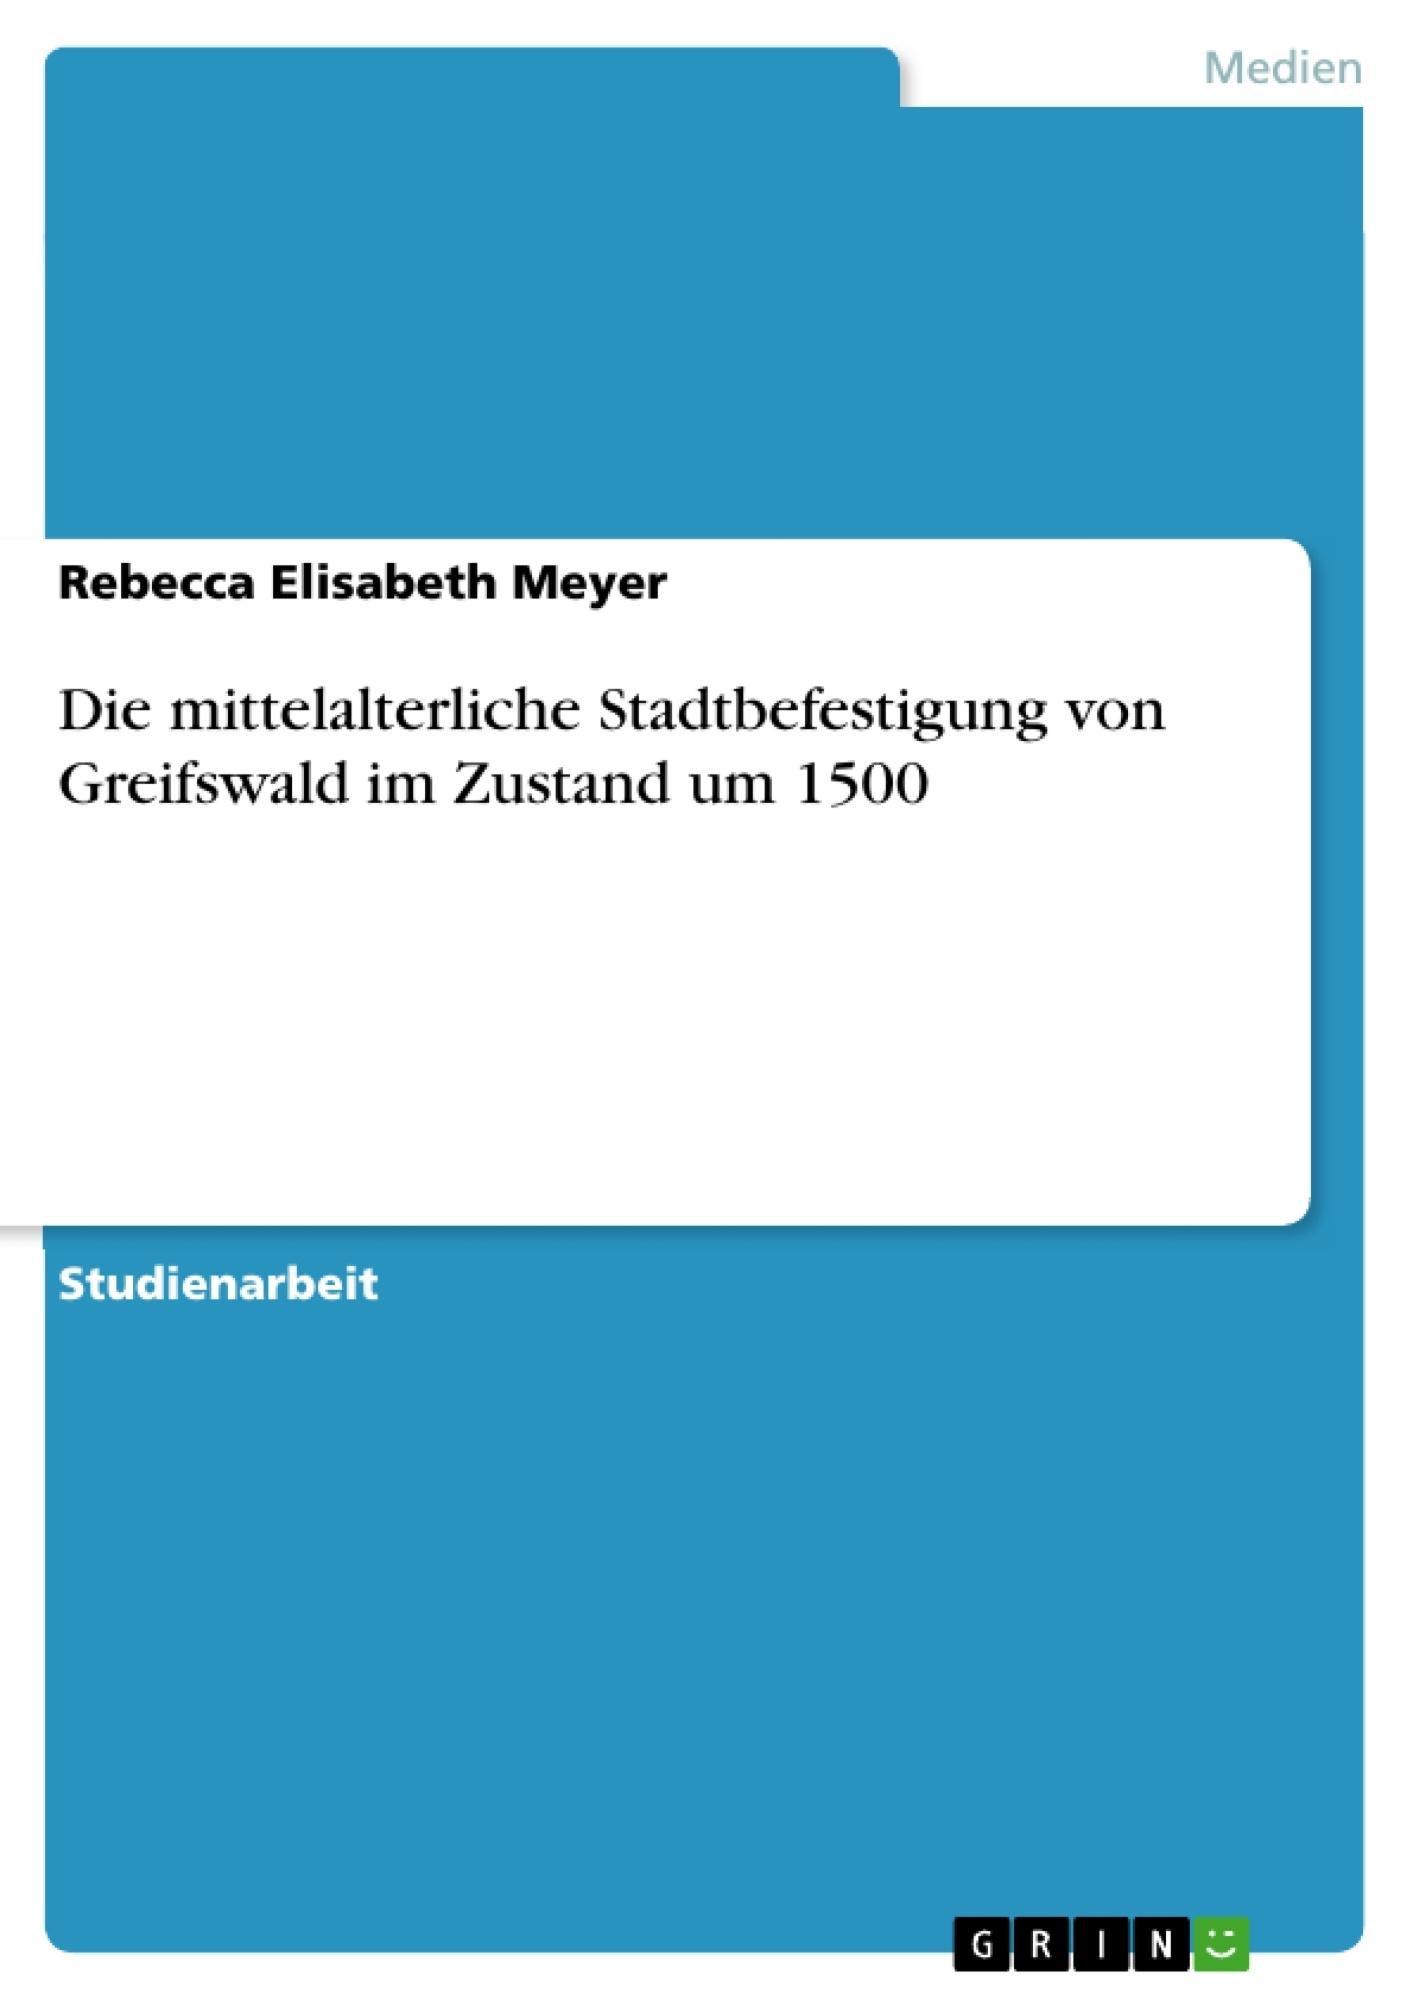 Titel: Die mittelalterliche Stadtbefestigung von Greifswald im Zustand um 1500